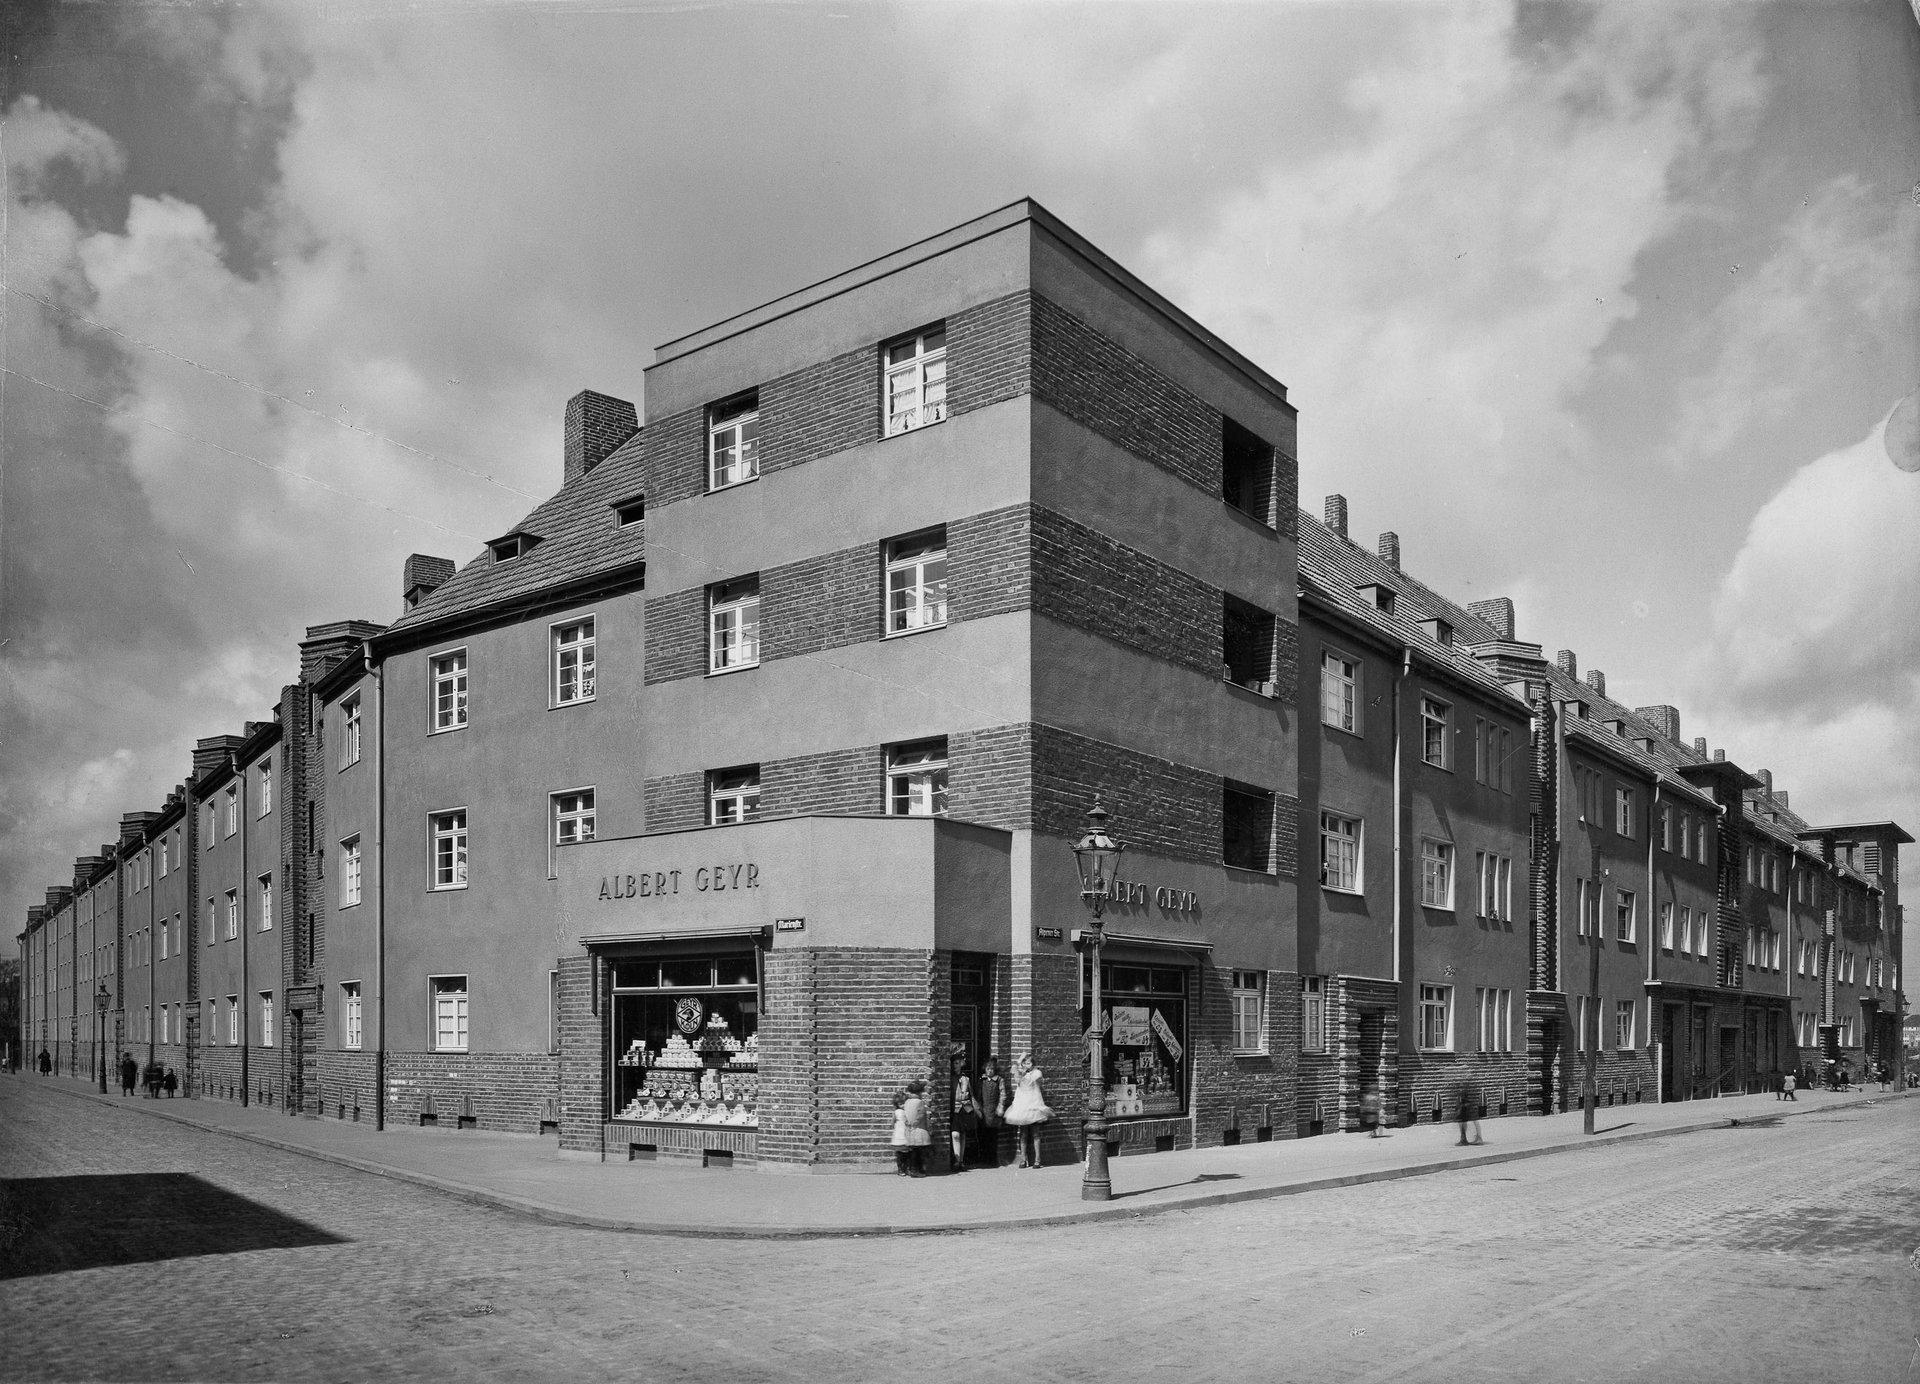 Historisches Bild von einer Straße in Köln-Ehrenfeld